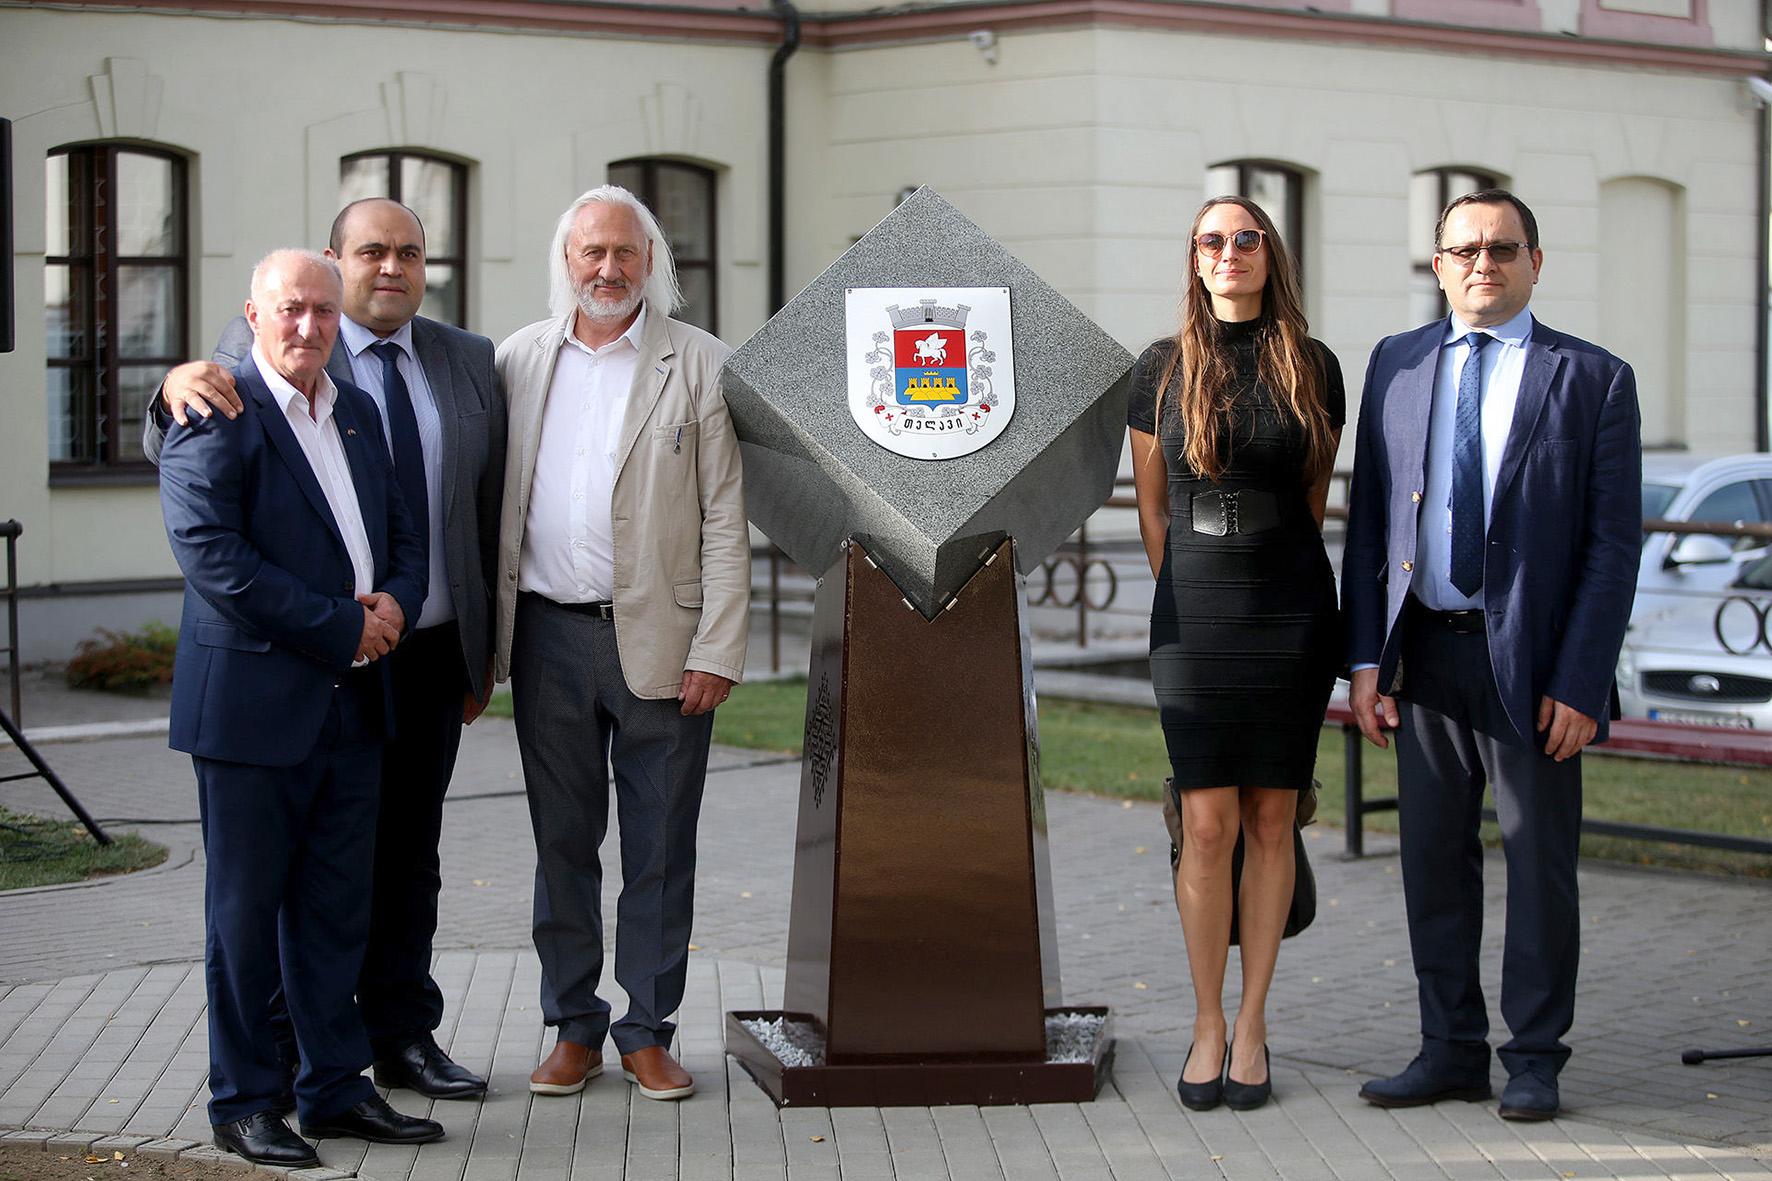 Levanas Sepashvili (kairėje) buvo vienas iš Kėdainių ir Telavio miestų bičiulystės užmezgimo, įteisinimo  bei jai įamžinti skirtų monumentų šiuose miestuose atidengimo pernai iniciatorių./ Algimanto Barzdžiaus nuotr.